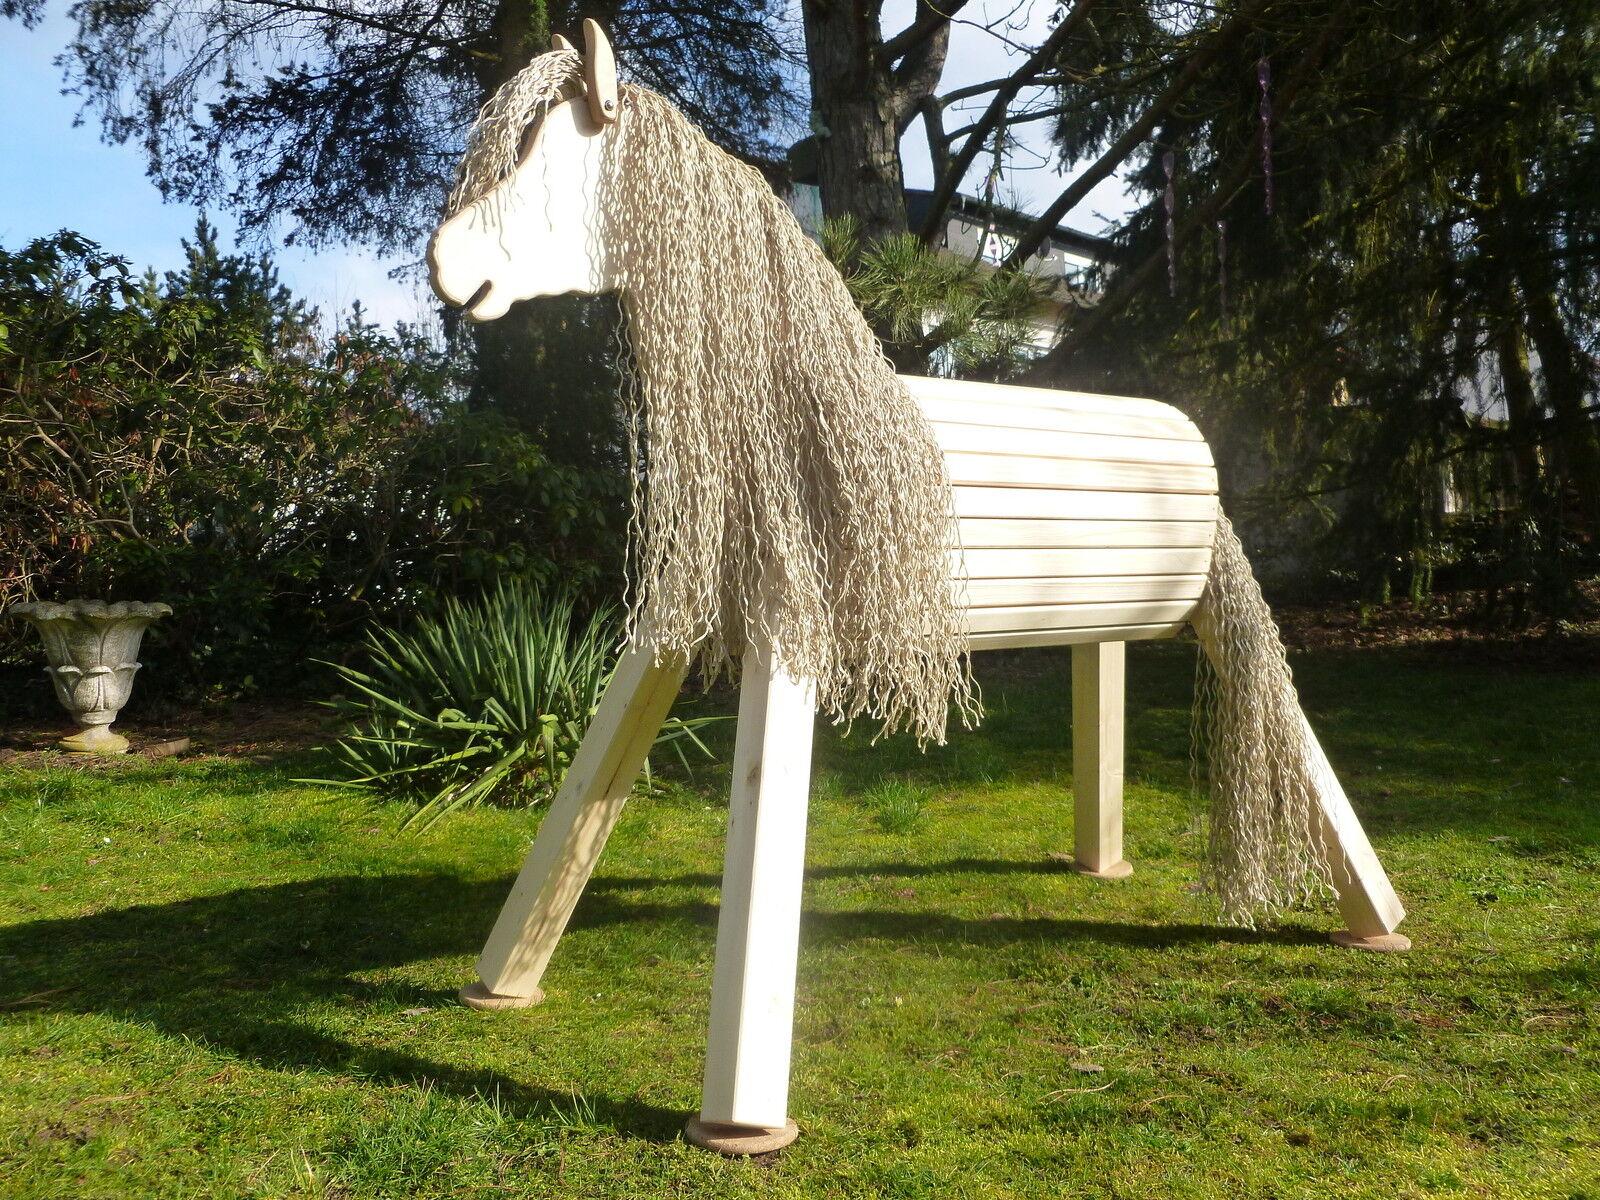 100cm Holzpferd Pony Voltigierpferd Pferd Spielpferd wetterfest lasiert NEU